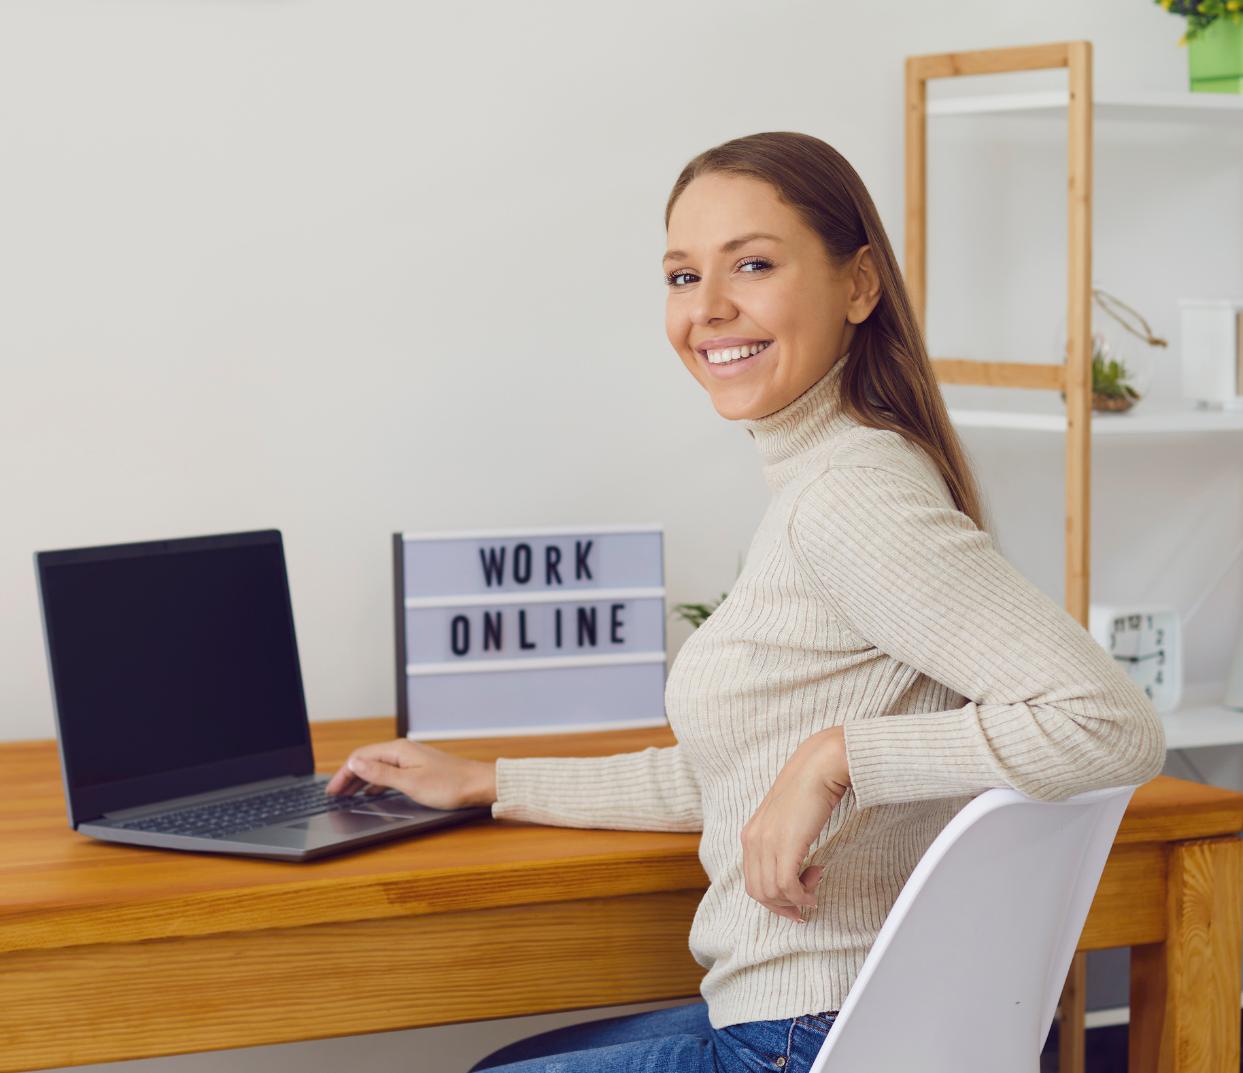 """Ist ein """"Compromise Assessment"""" in Zeiten vermehrten Home-Office Betriebs dringend anzuraten?"""